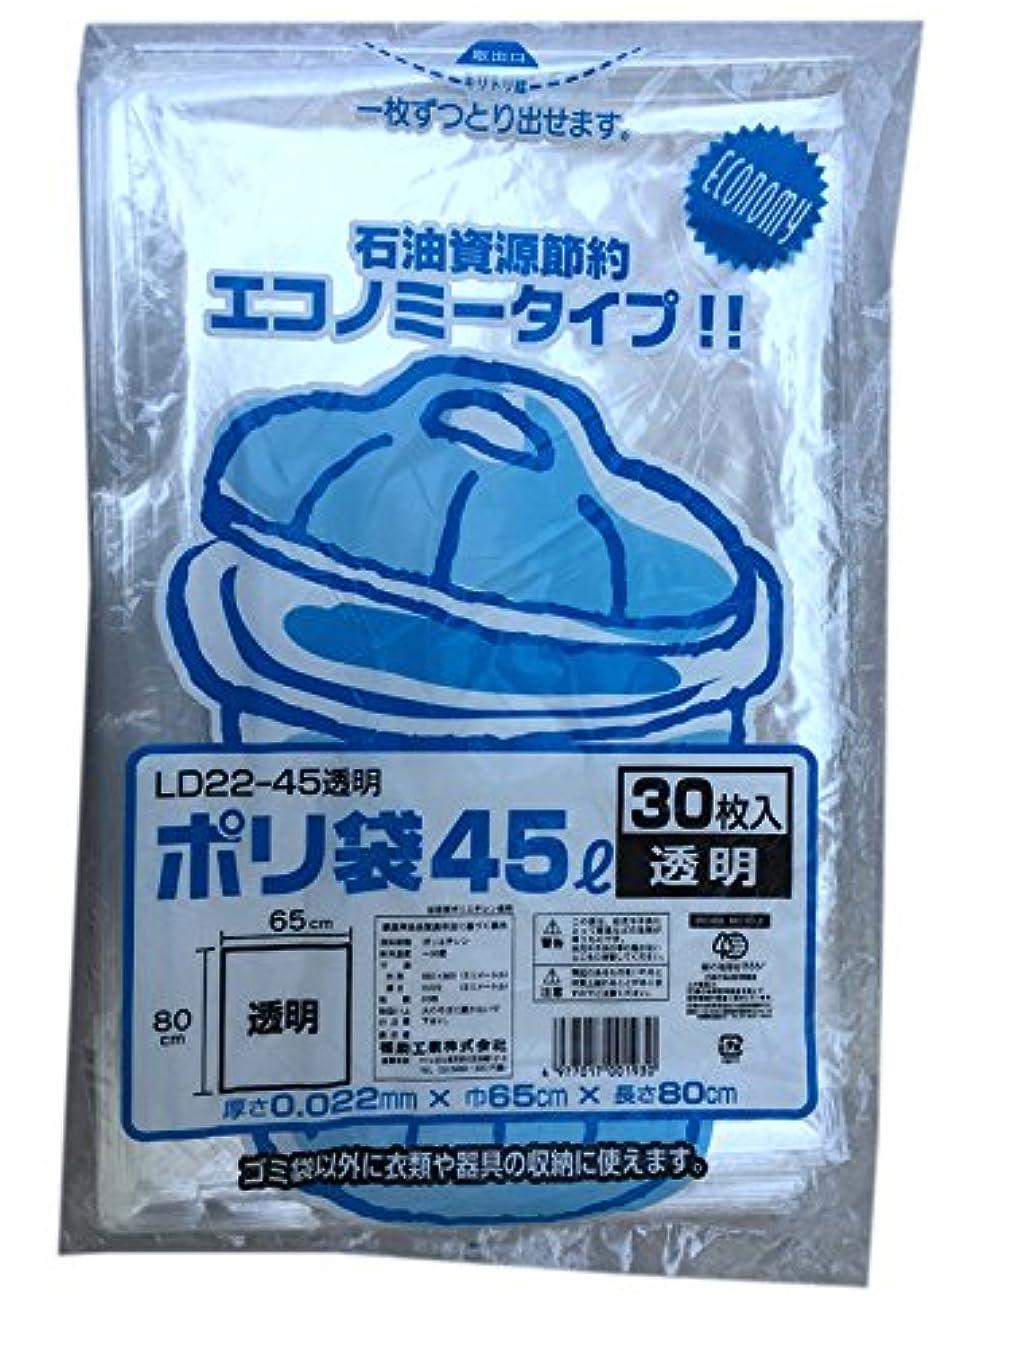 負担帰るバックアップ業務用 ゴミ袋 45L(30枚入り)1ケース(600枚) LD22-45 透明 0.022×巾650×長さ800mm